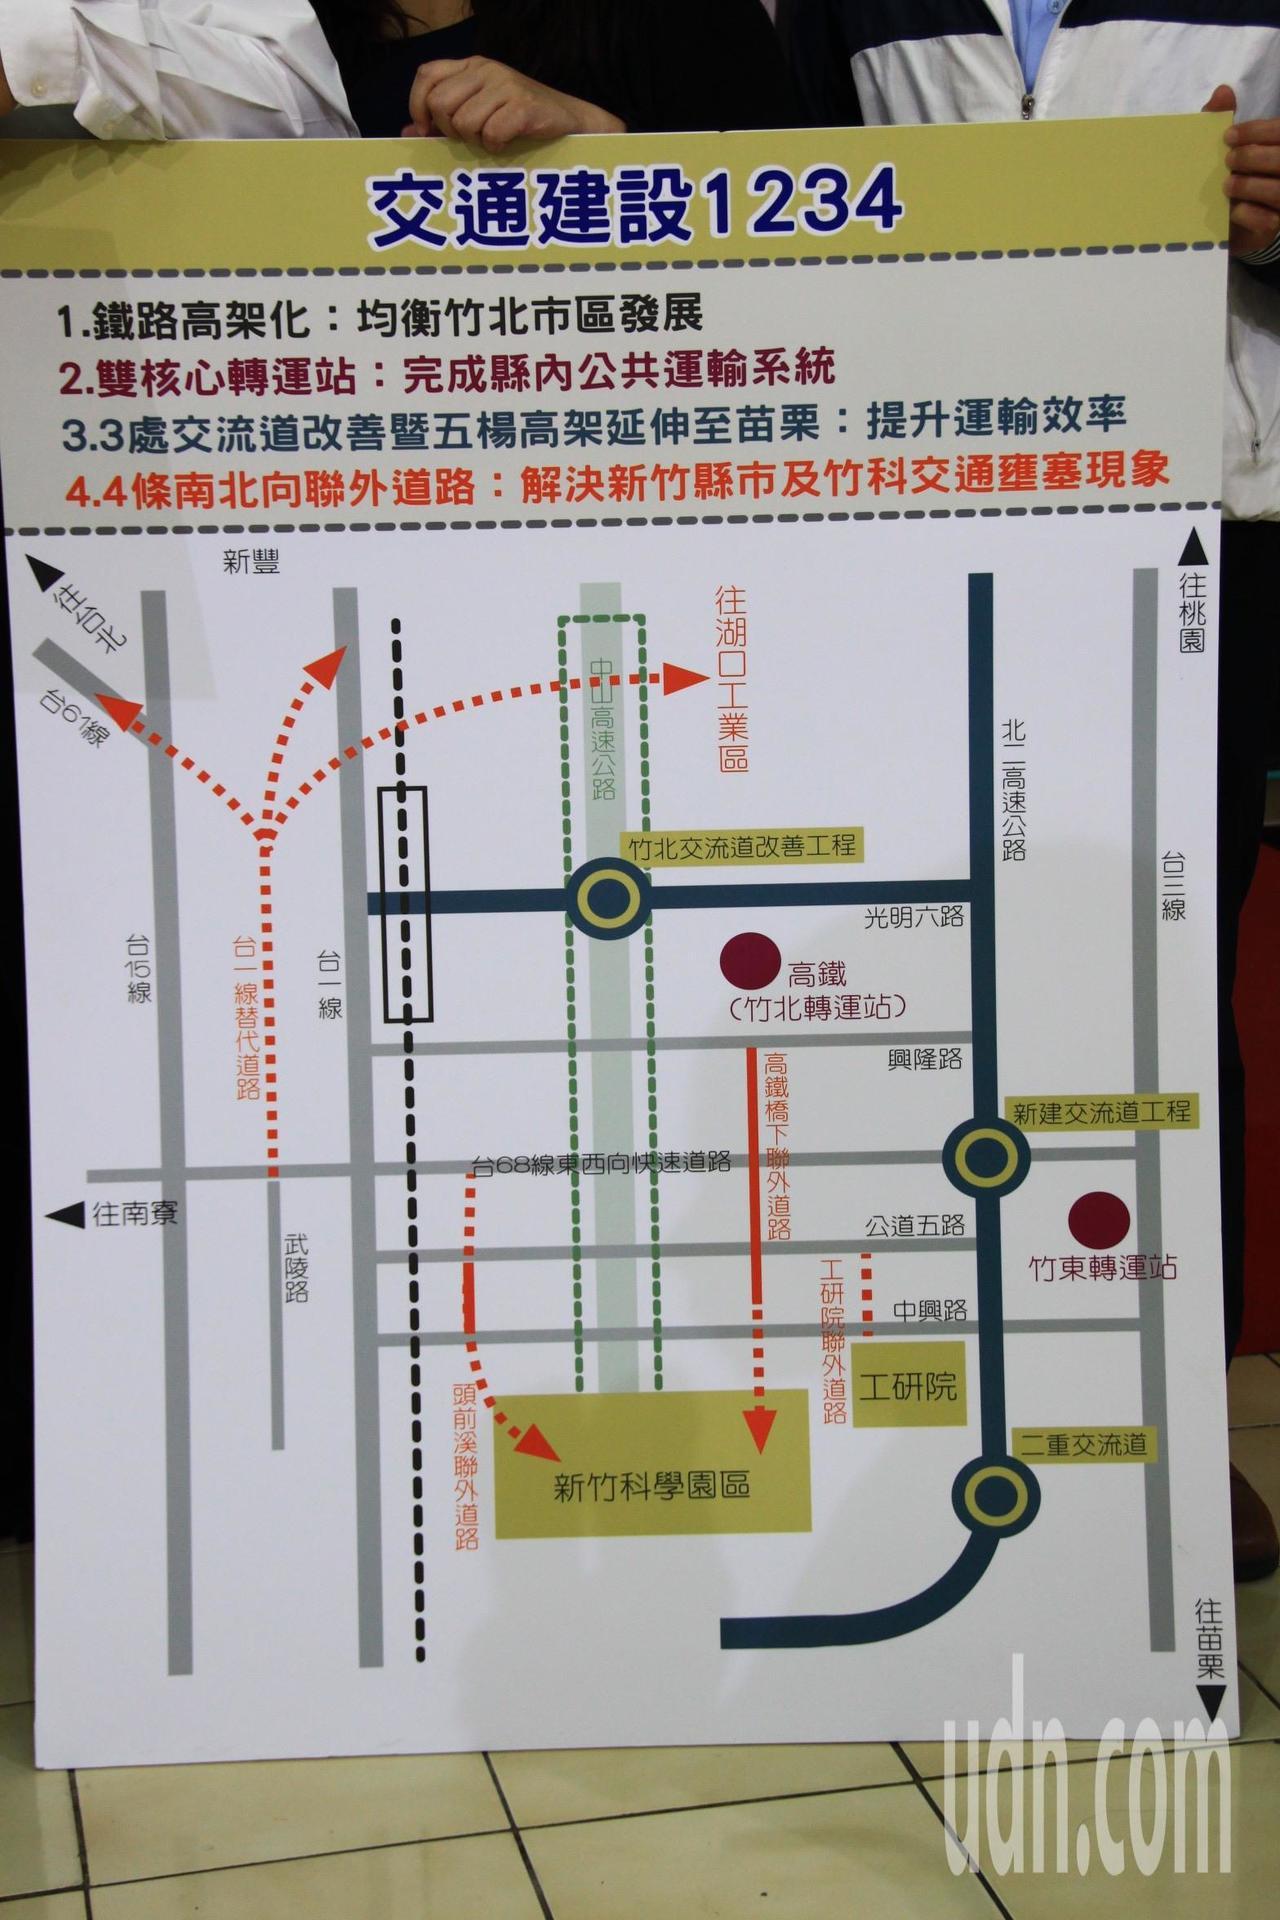 楊文科將交通願景用一張圖說明清楚。記者郭政芬/攝影